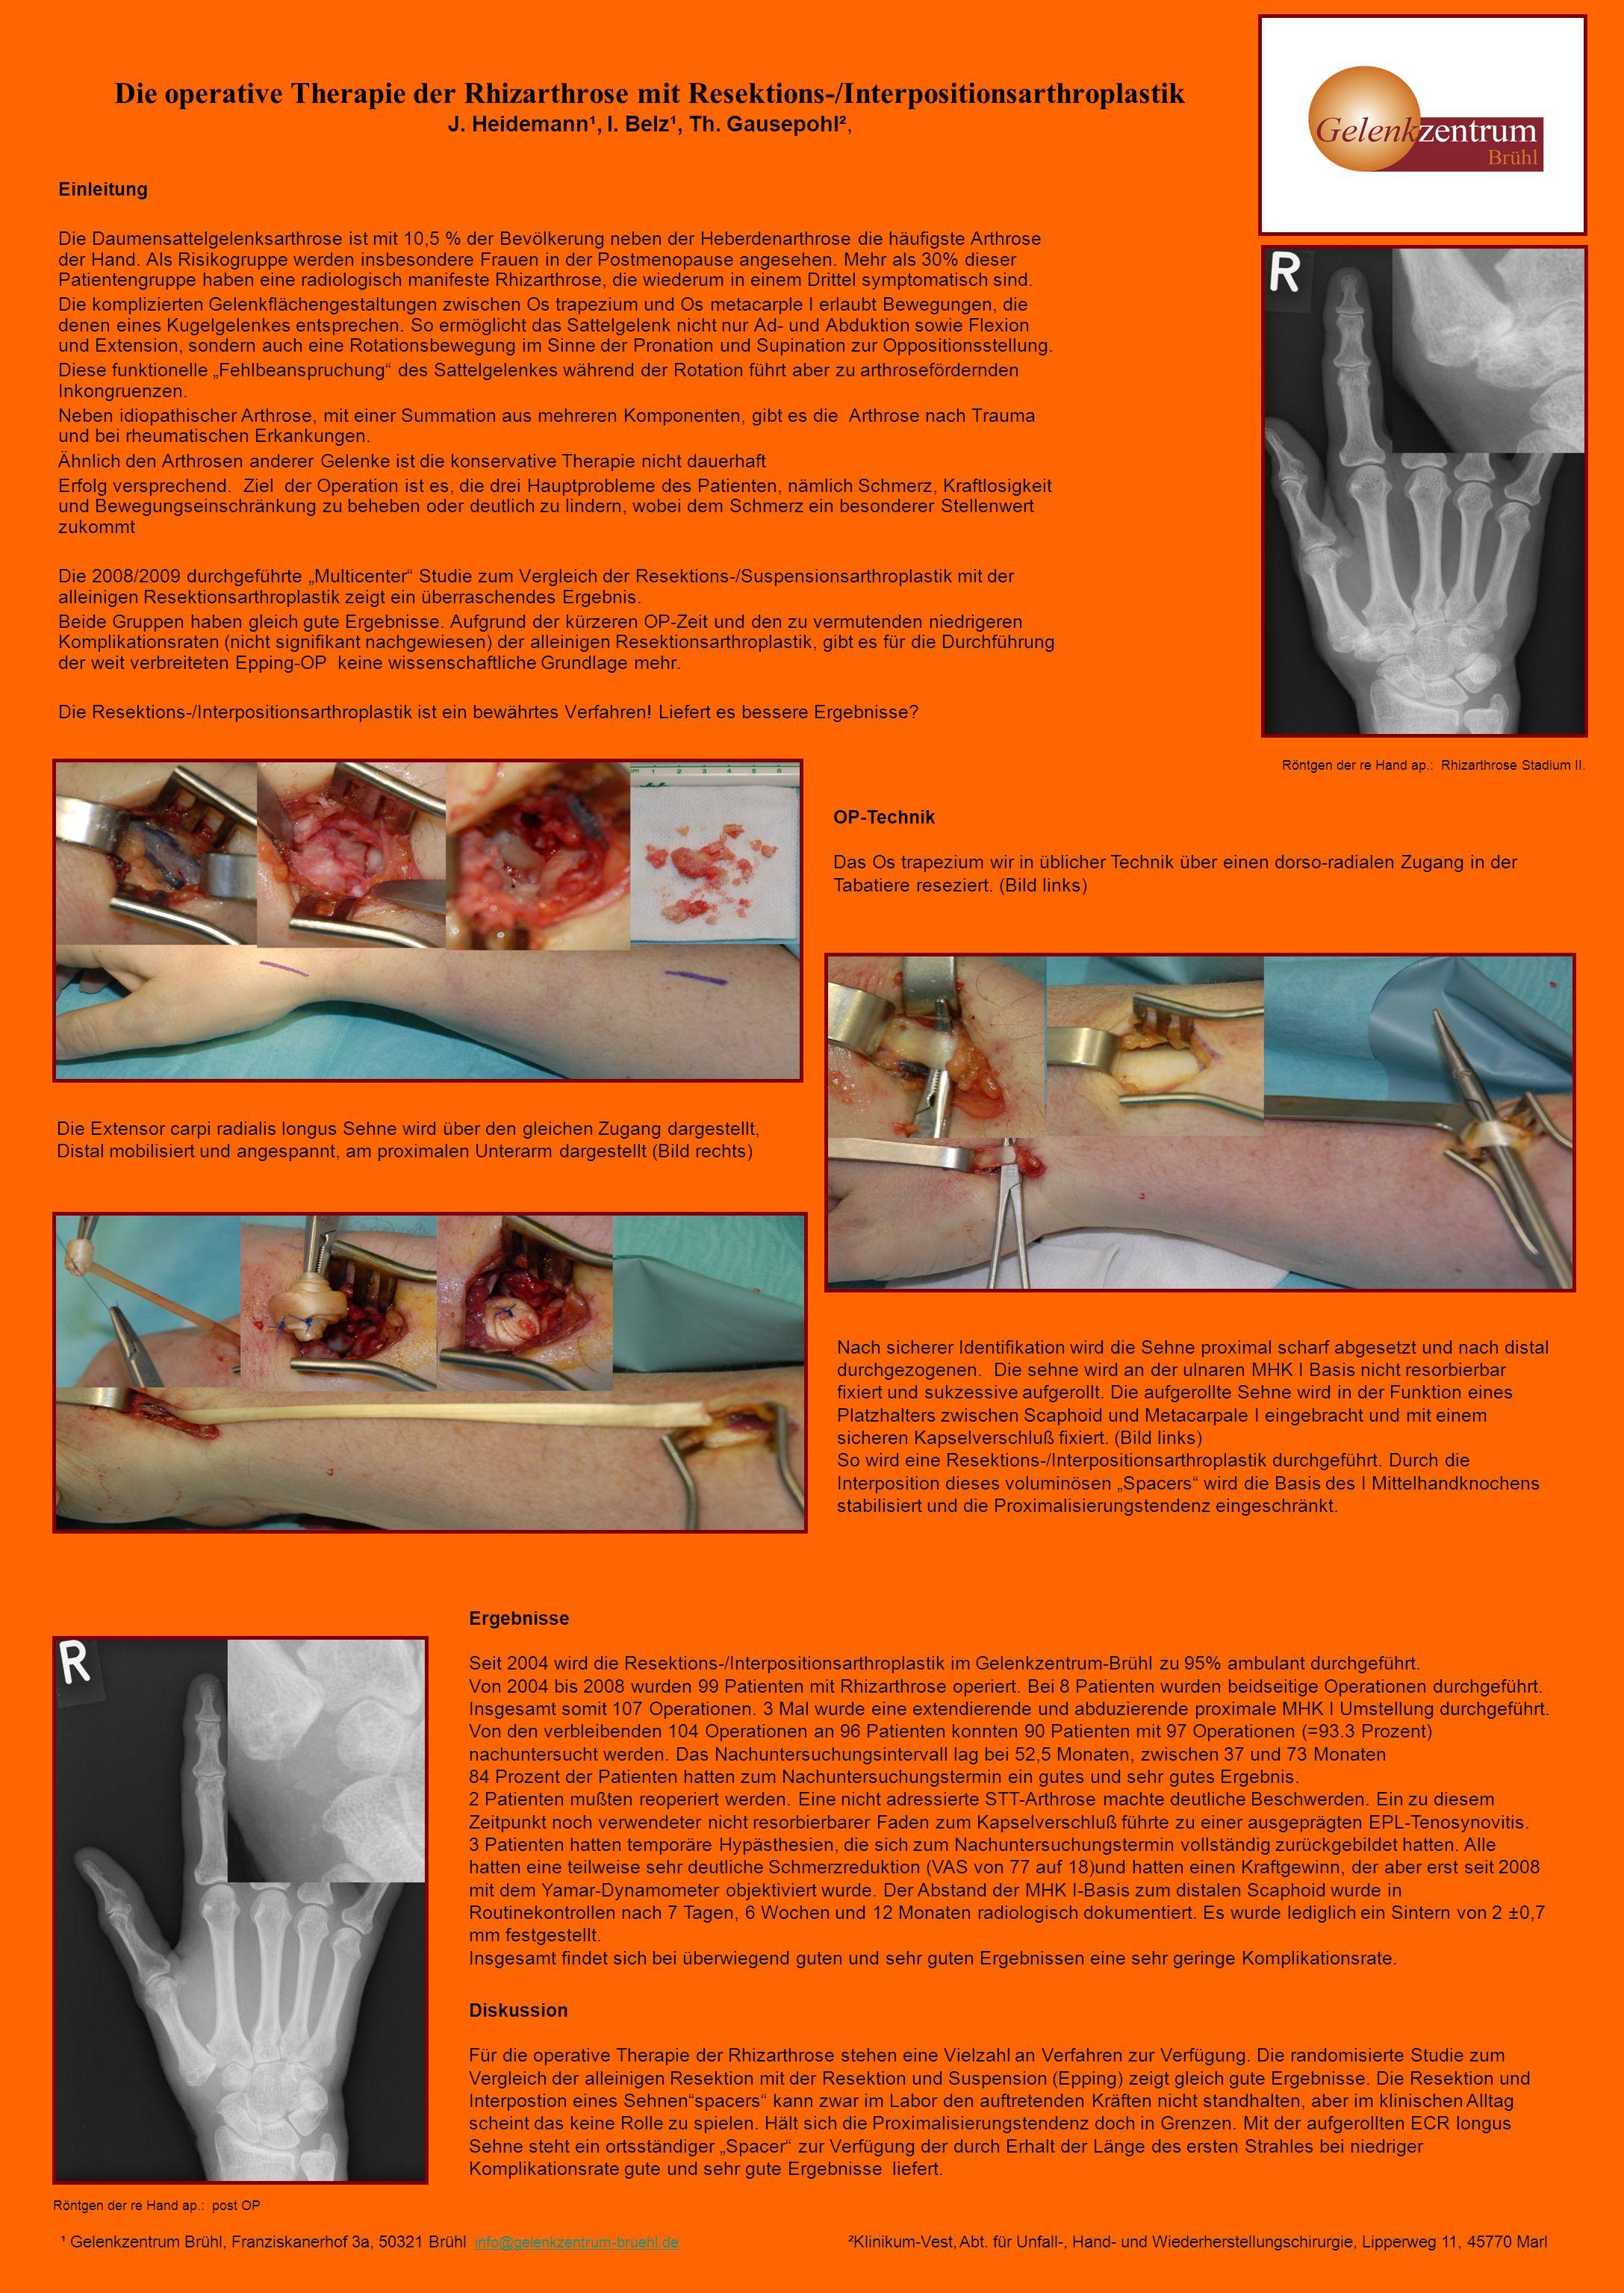 Die operative Therapie der Rhizarthrose mit Resektions-/Interpositionsarthroplastik J. Heidemann¹, I. Belz¹, Th. Gausepohl², Einleitung Die Daumensatt